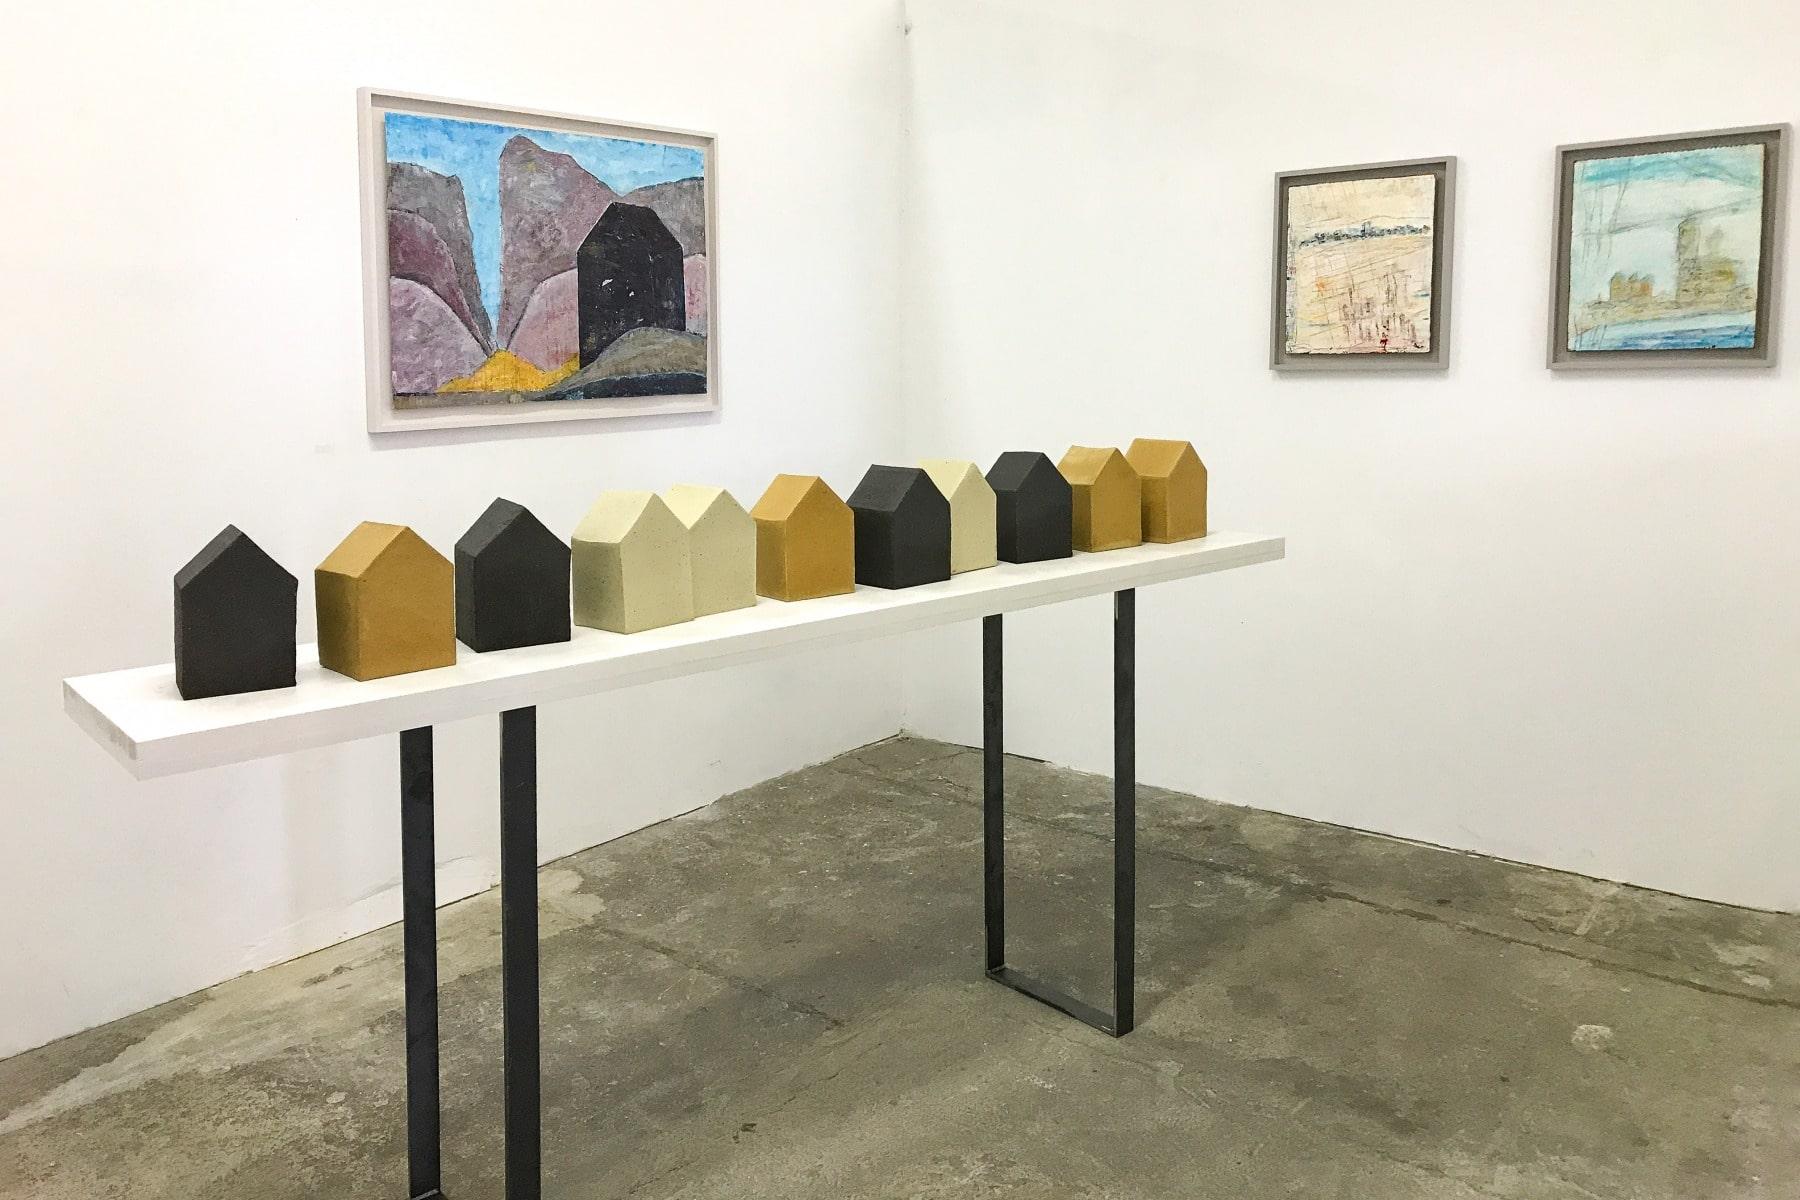 Ist es das wovon Du geträumt hast, Installation transformart 2018, Keramik und Arcyl auf Papier/Pappe, 2018